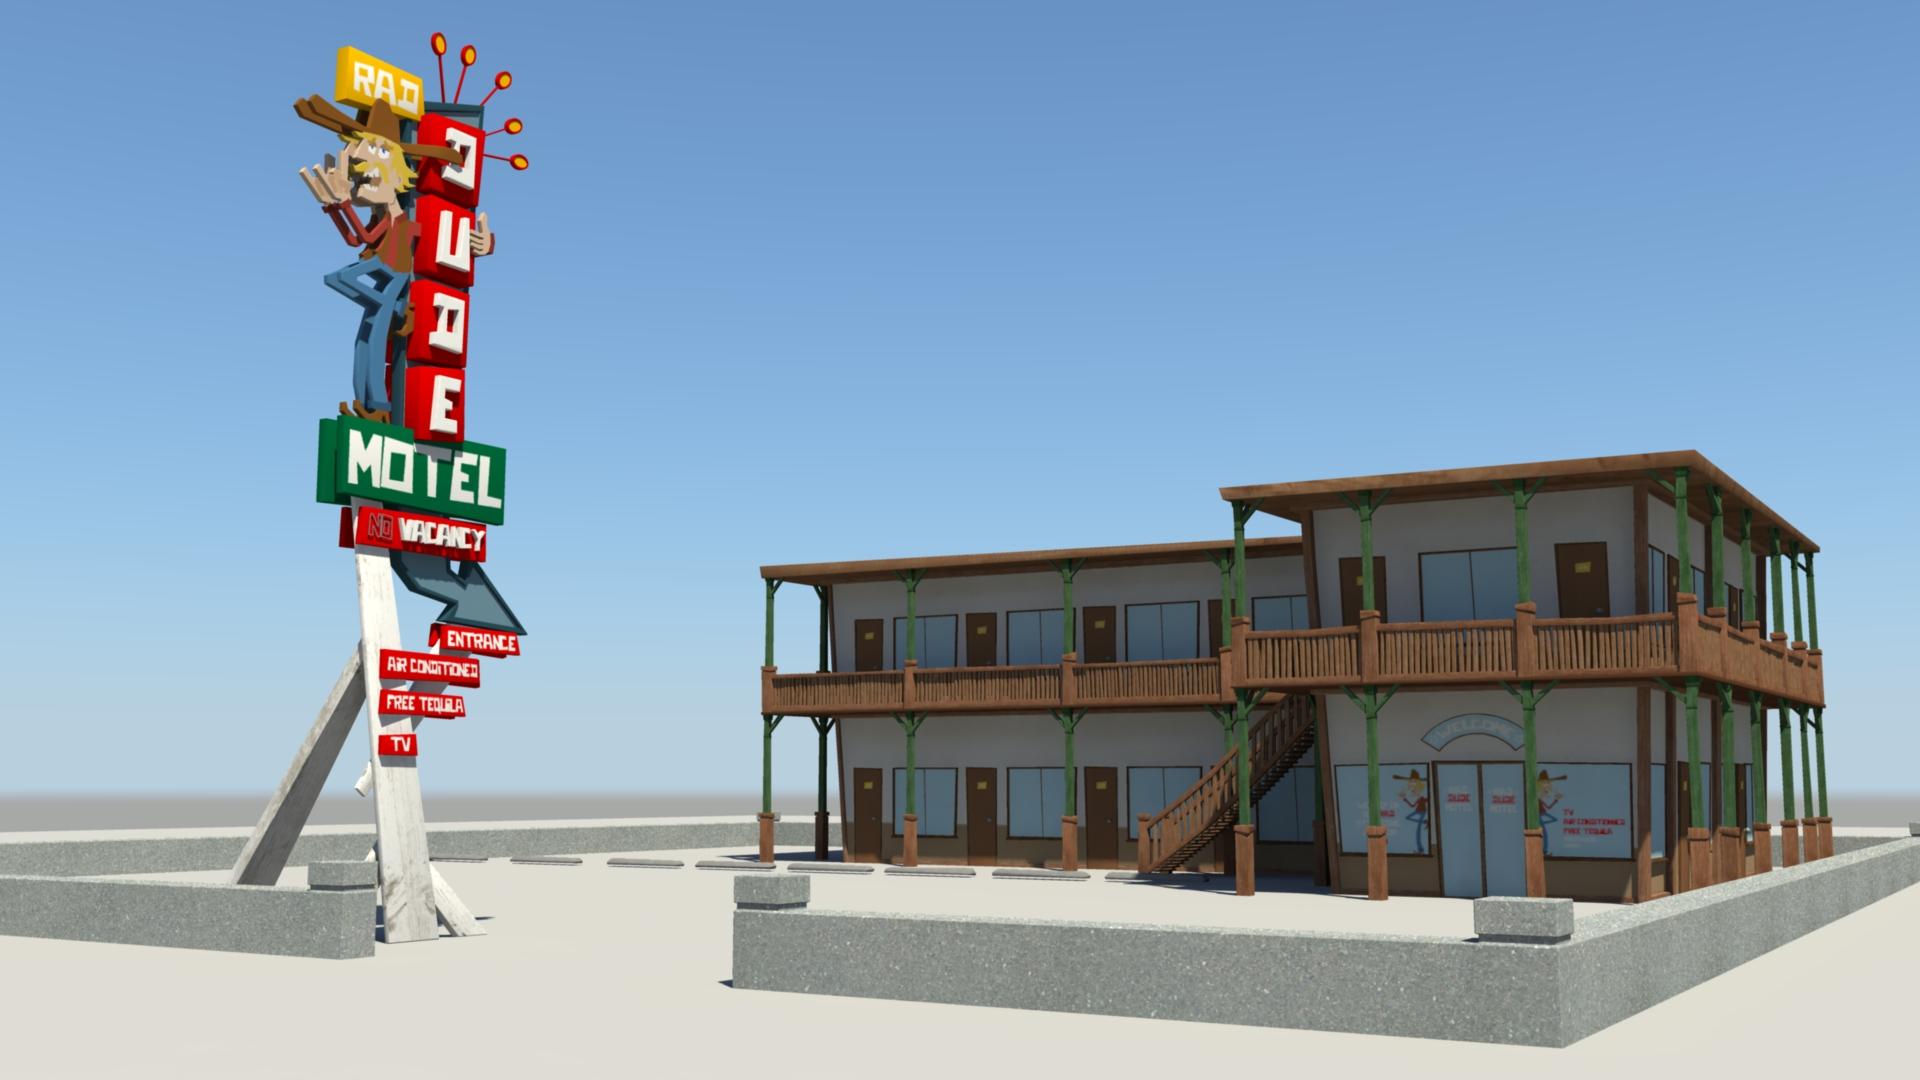 motel.jpeg